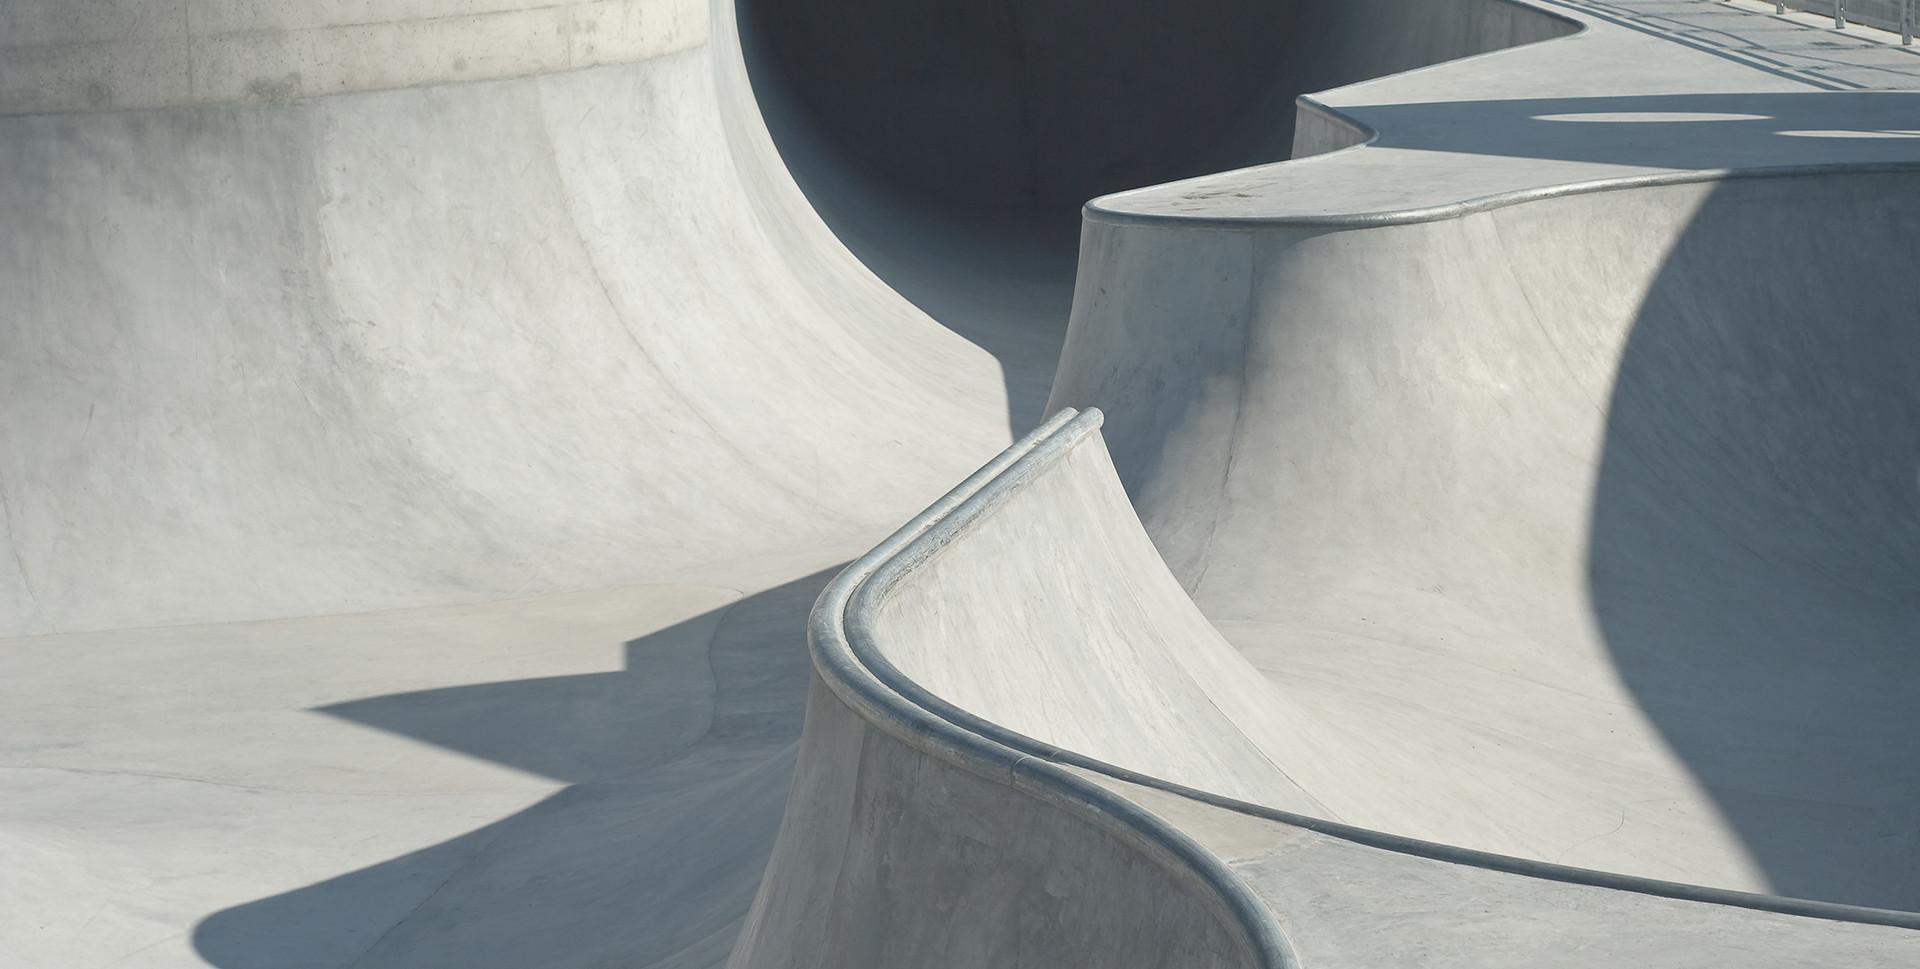 콘크리트 스케이트와 자전거 공원